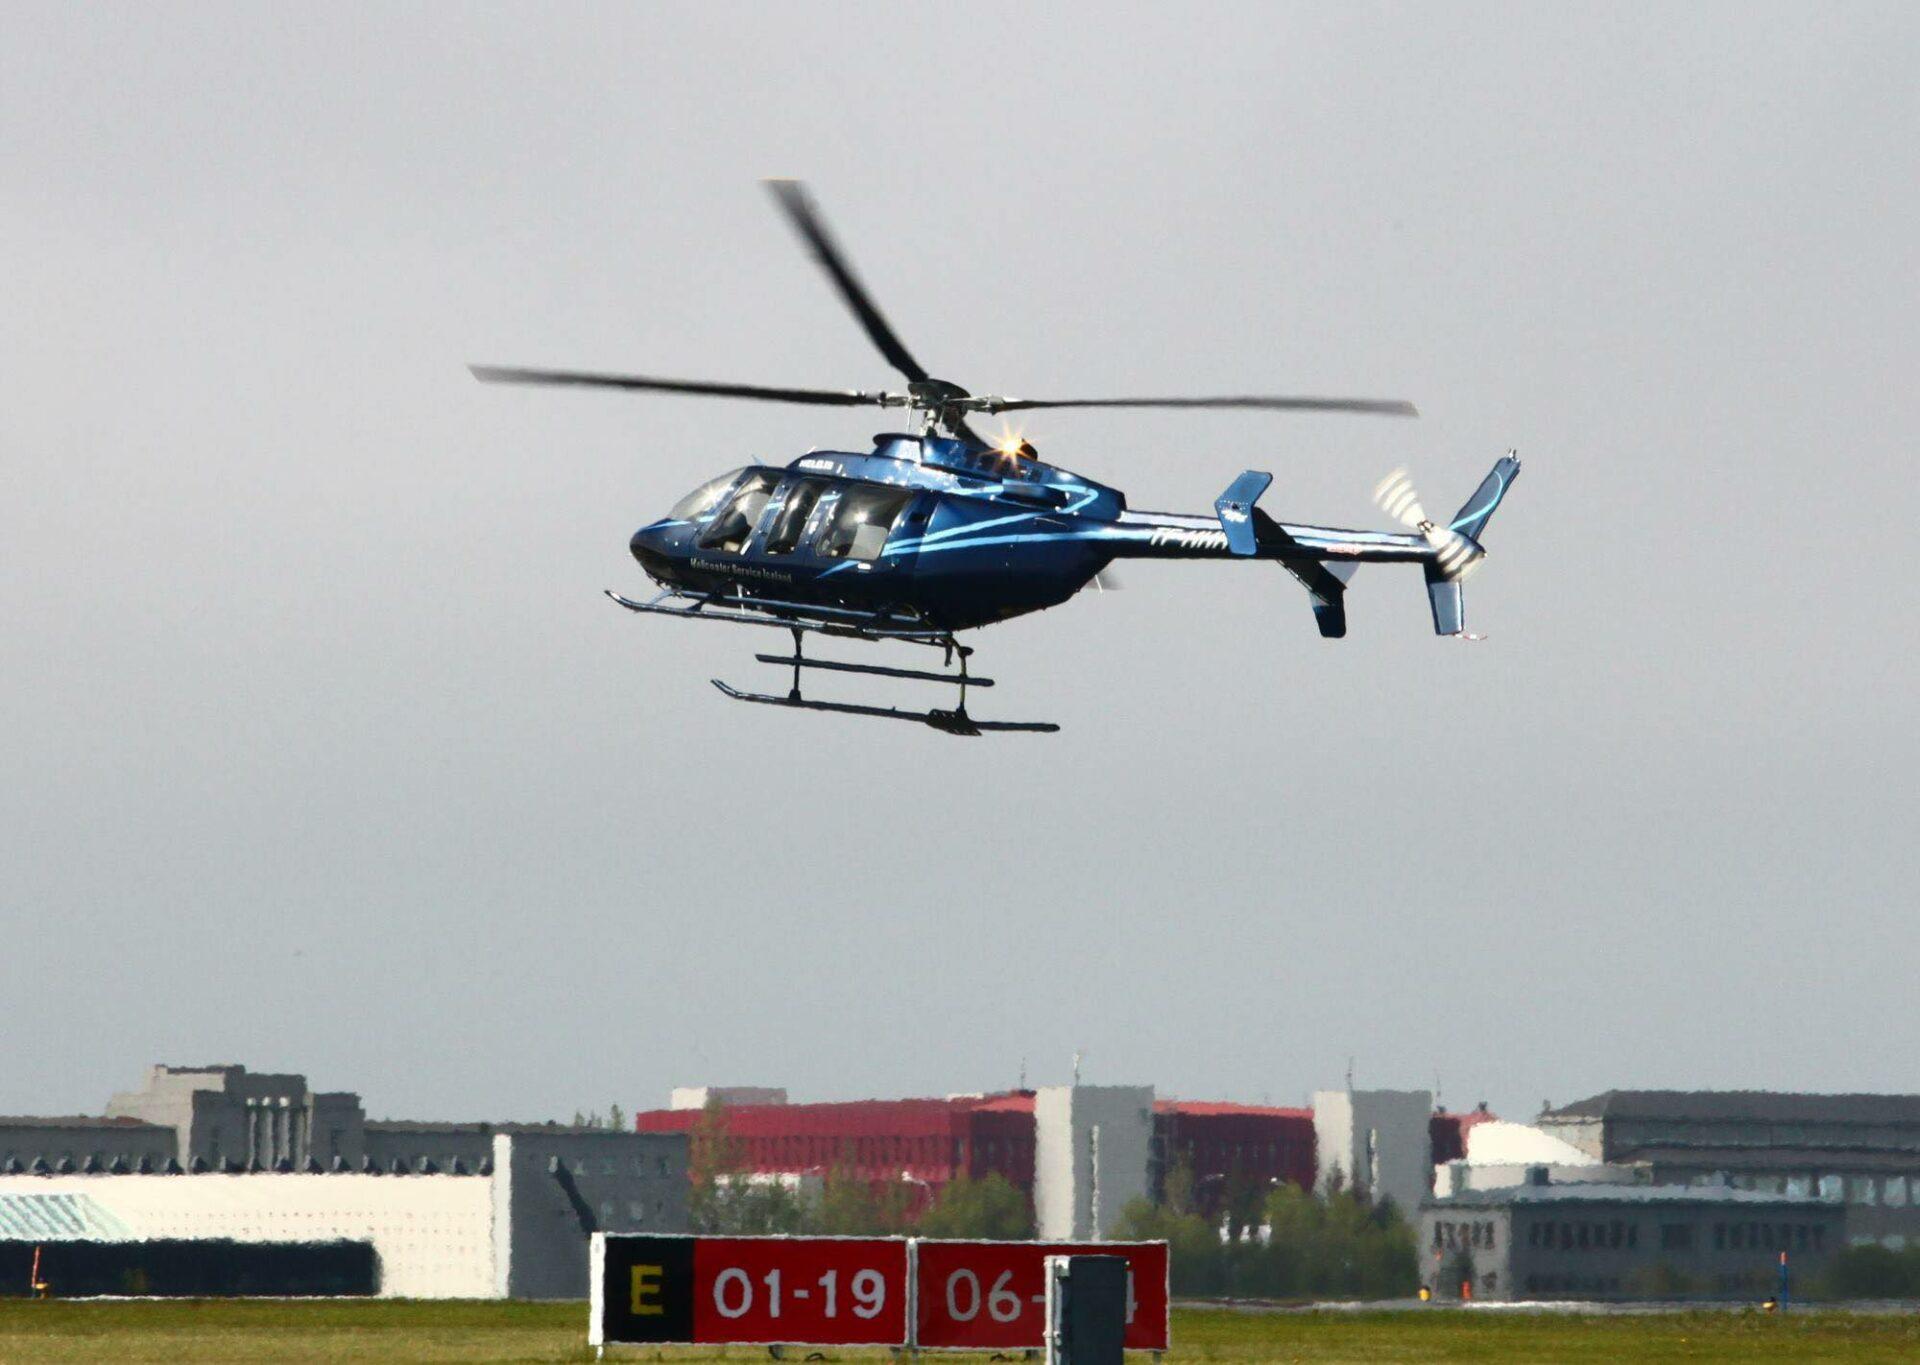 Bell 407 in Reykjavik airport // Source: Helo